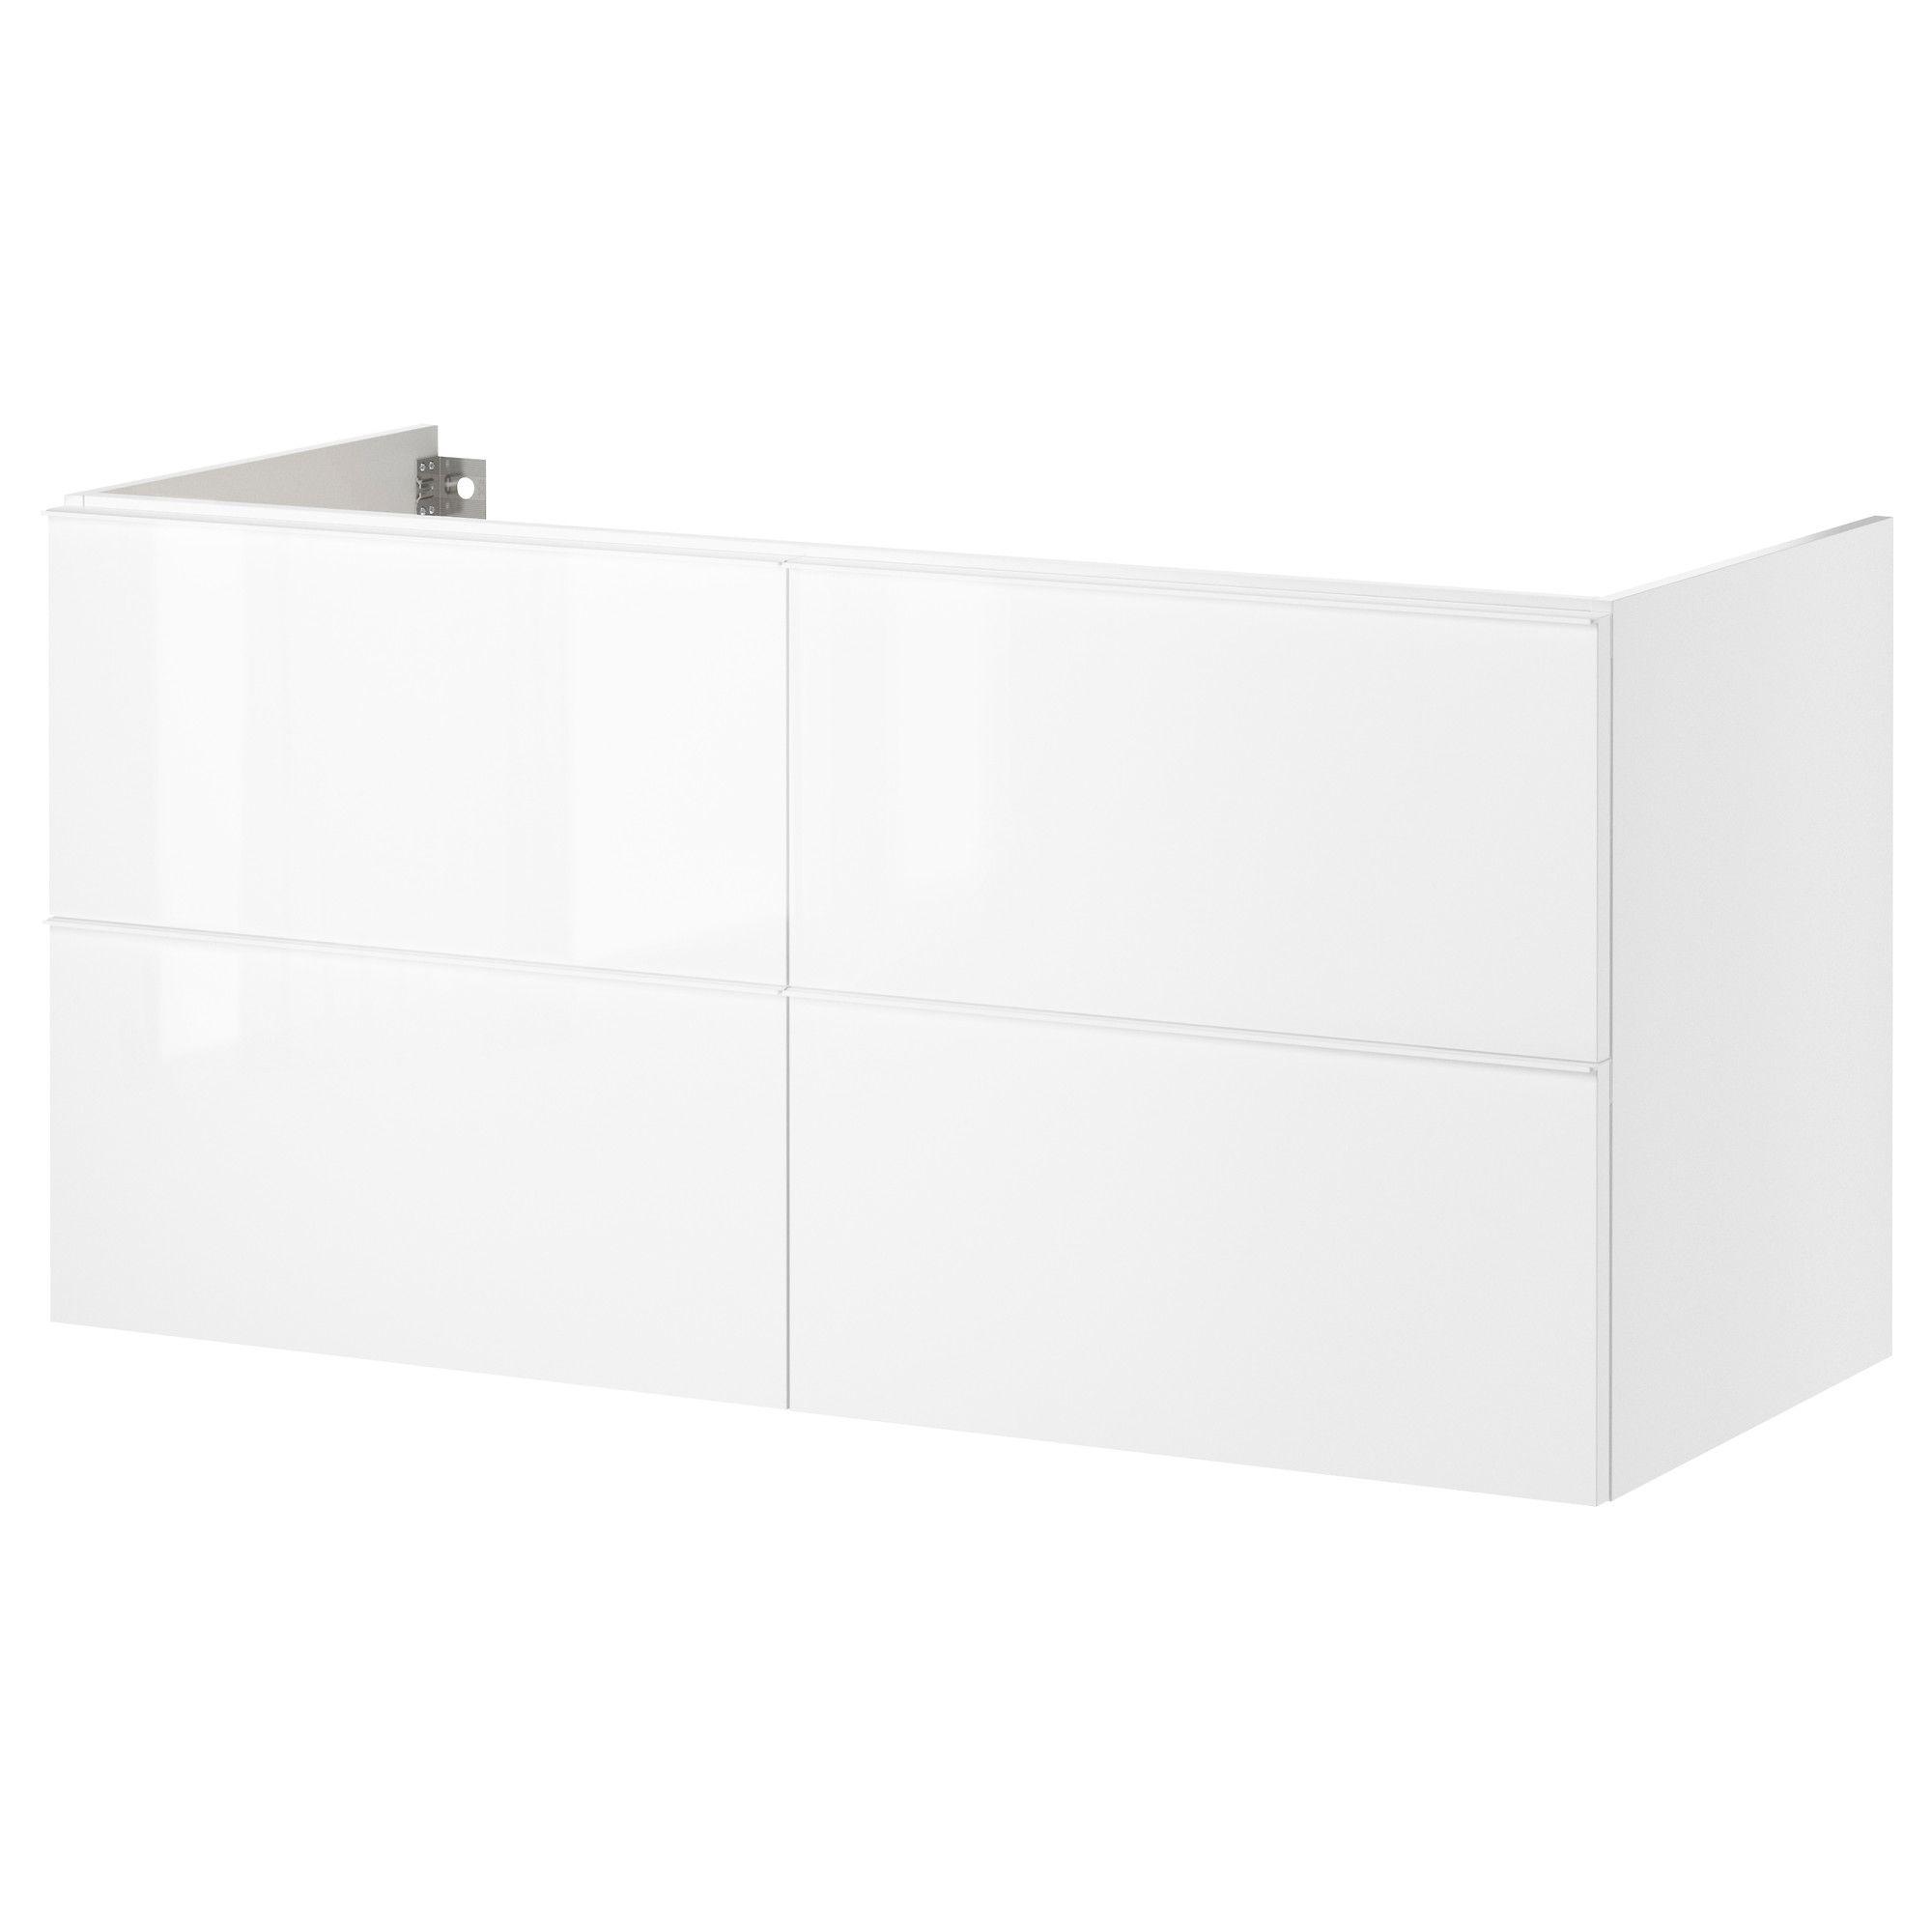 Godmorgon armario lavabo 4cajones alto brillo blanco - Armario lavabo ikea ...